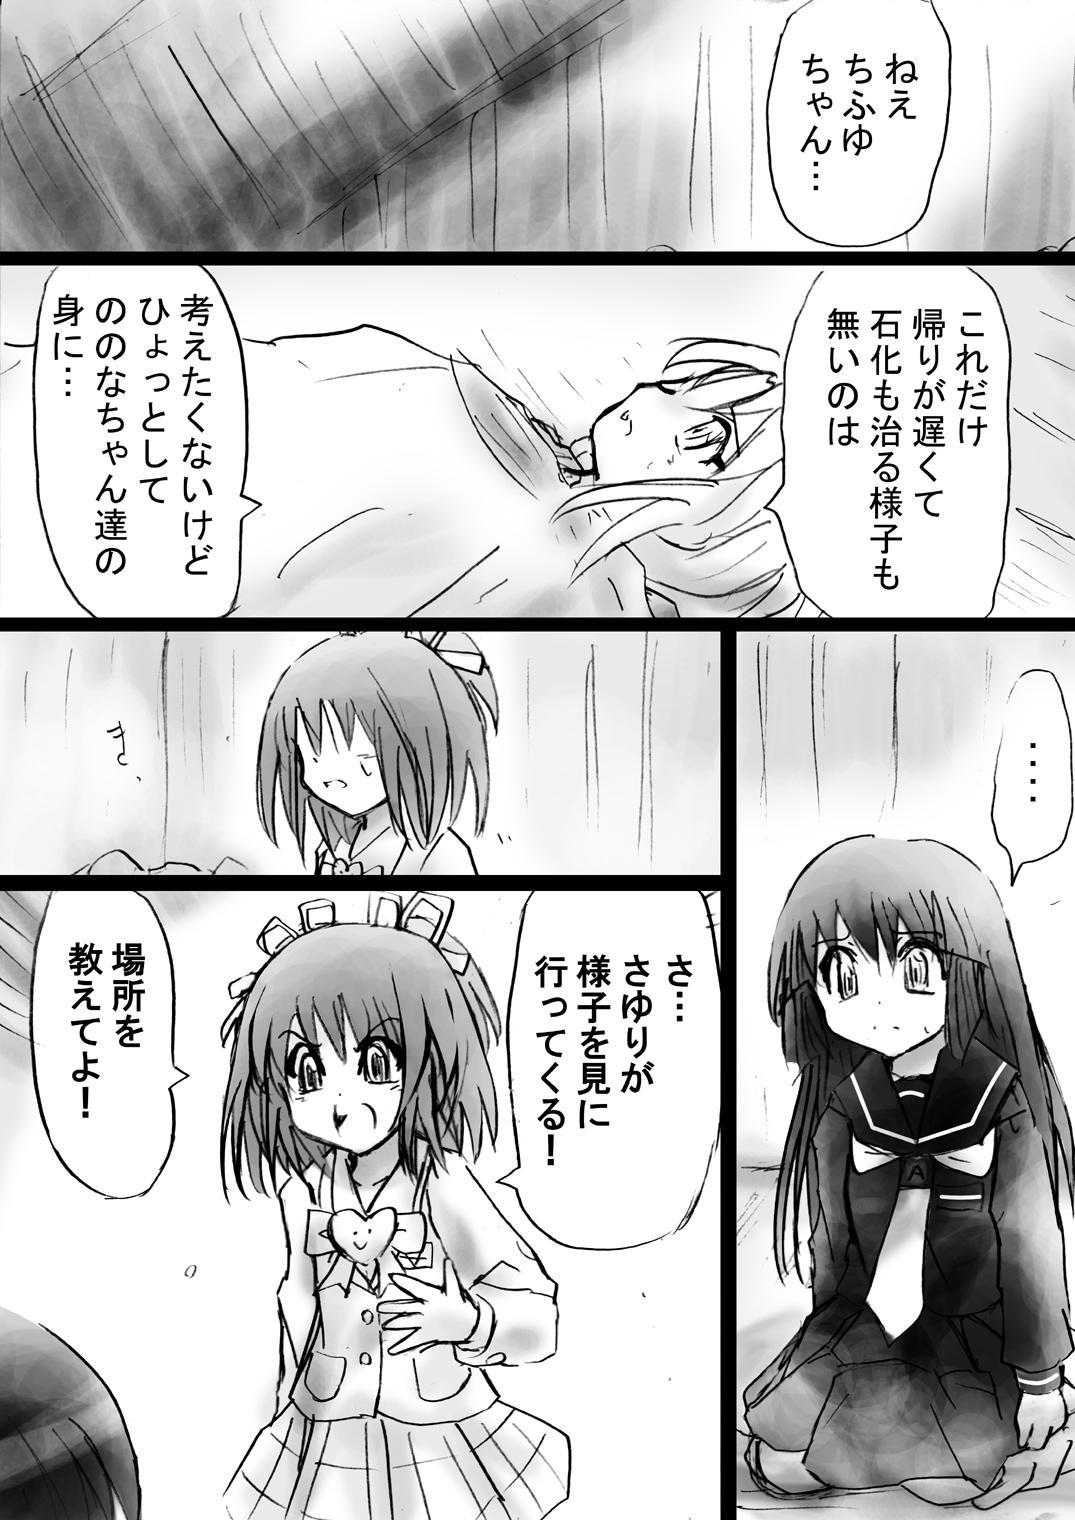 [Dende] Fushigi Sekai -Mystery World- no Nona 17 ~ Taiketsu Fujimi no Dai Inma Dakurasu, Kanzen Sekka no Kyoufu 145